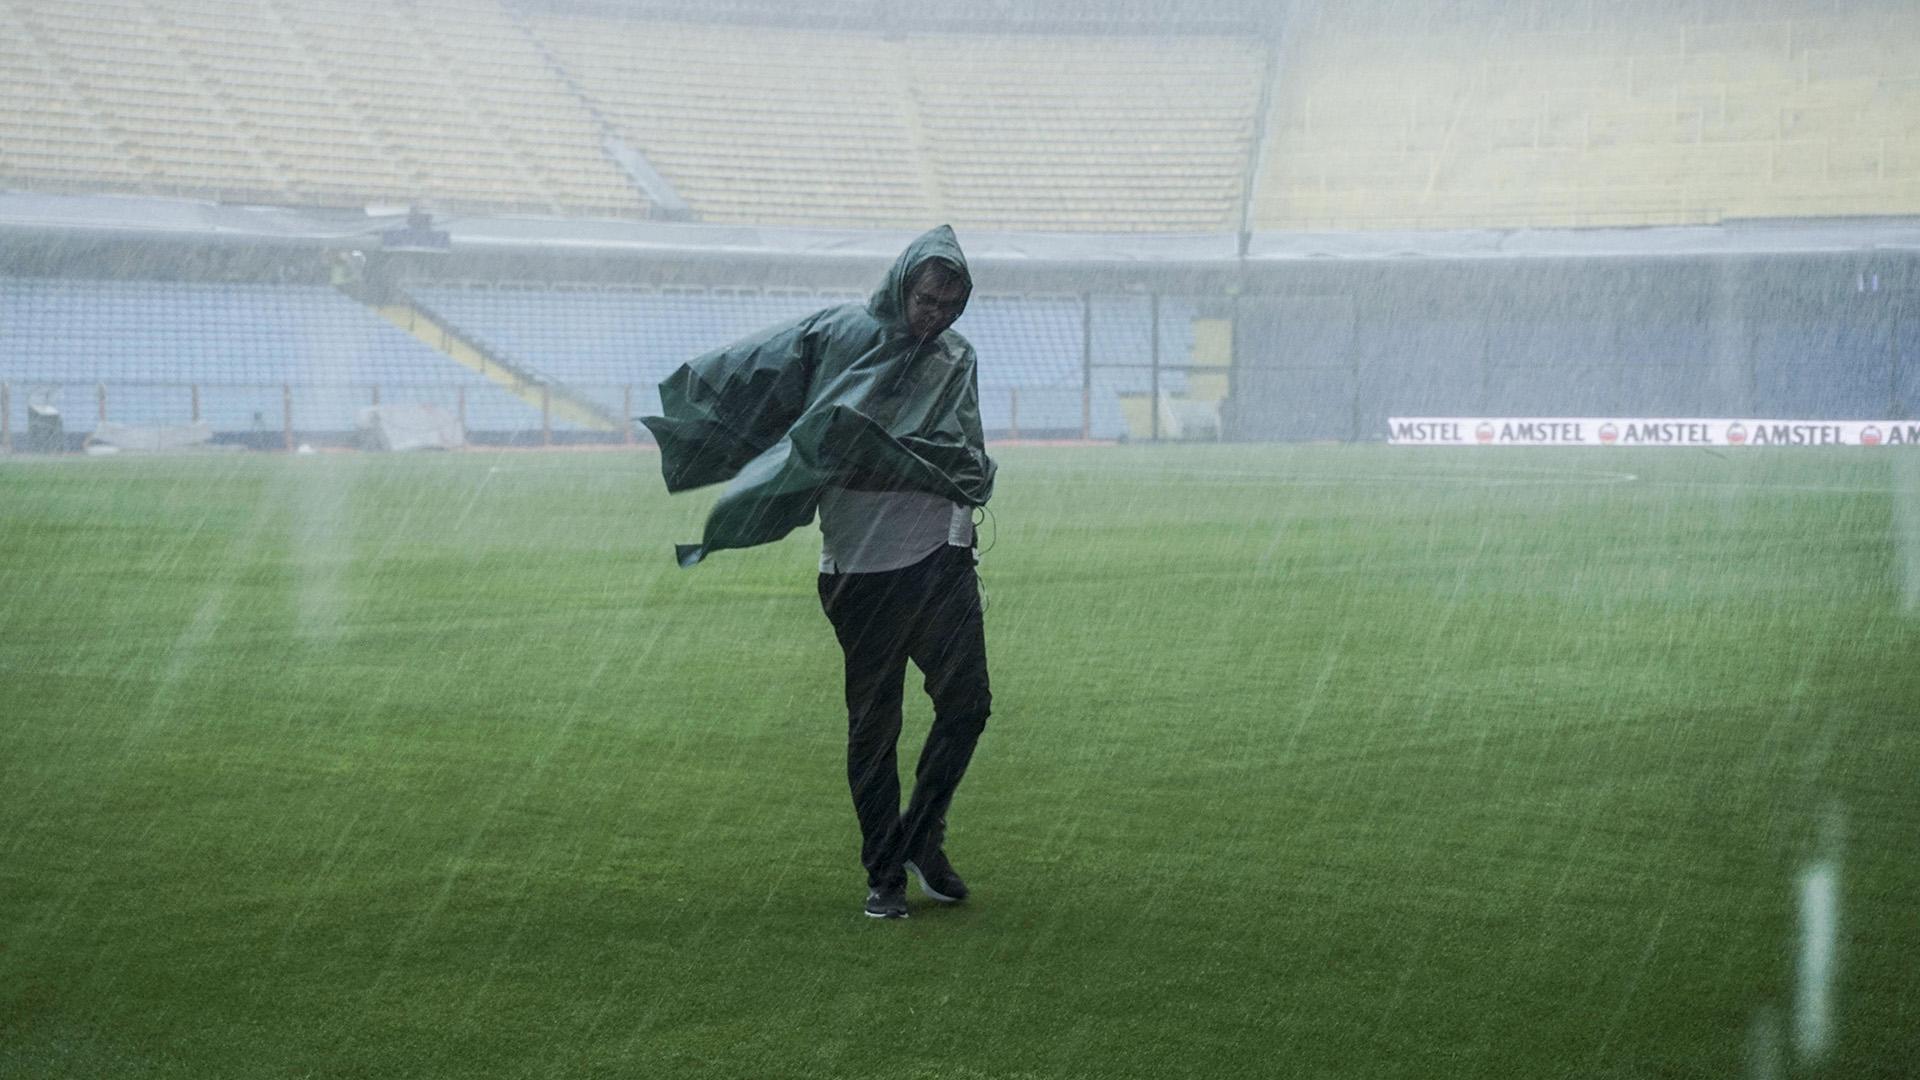 El viento y la lluvia le ganaron al fútbol